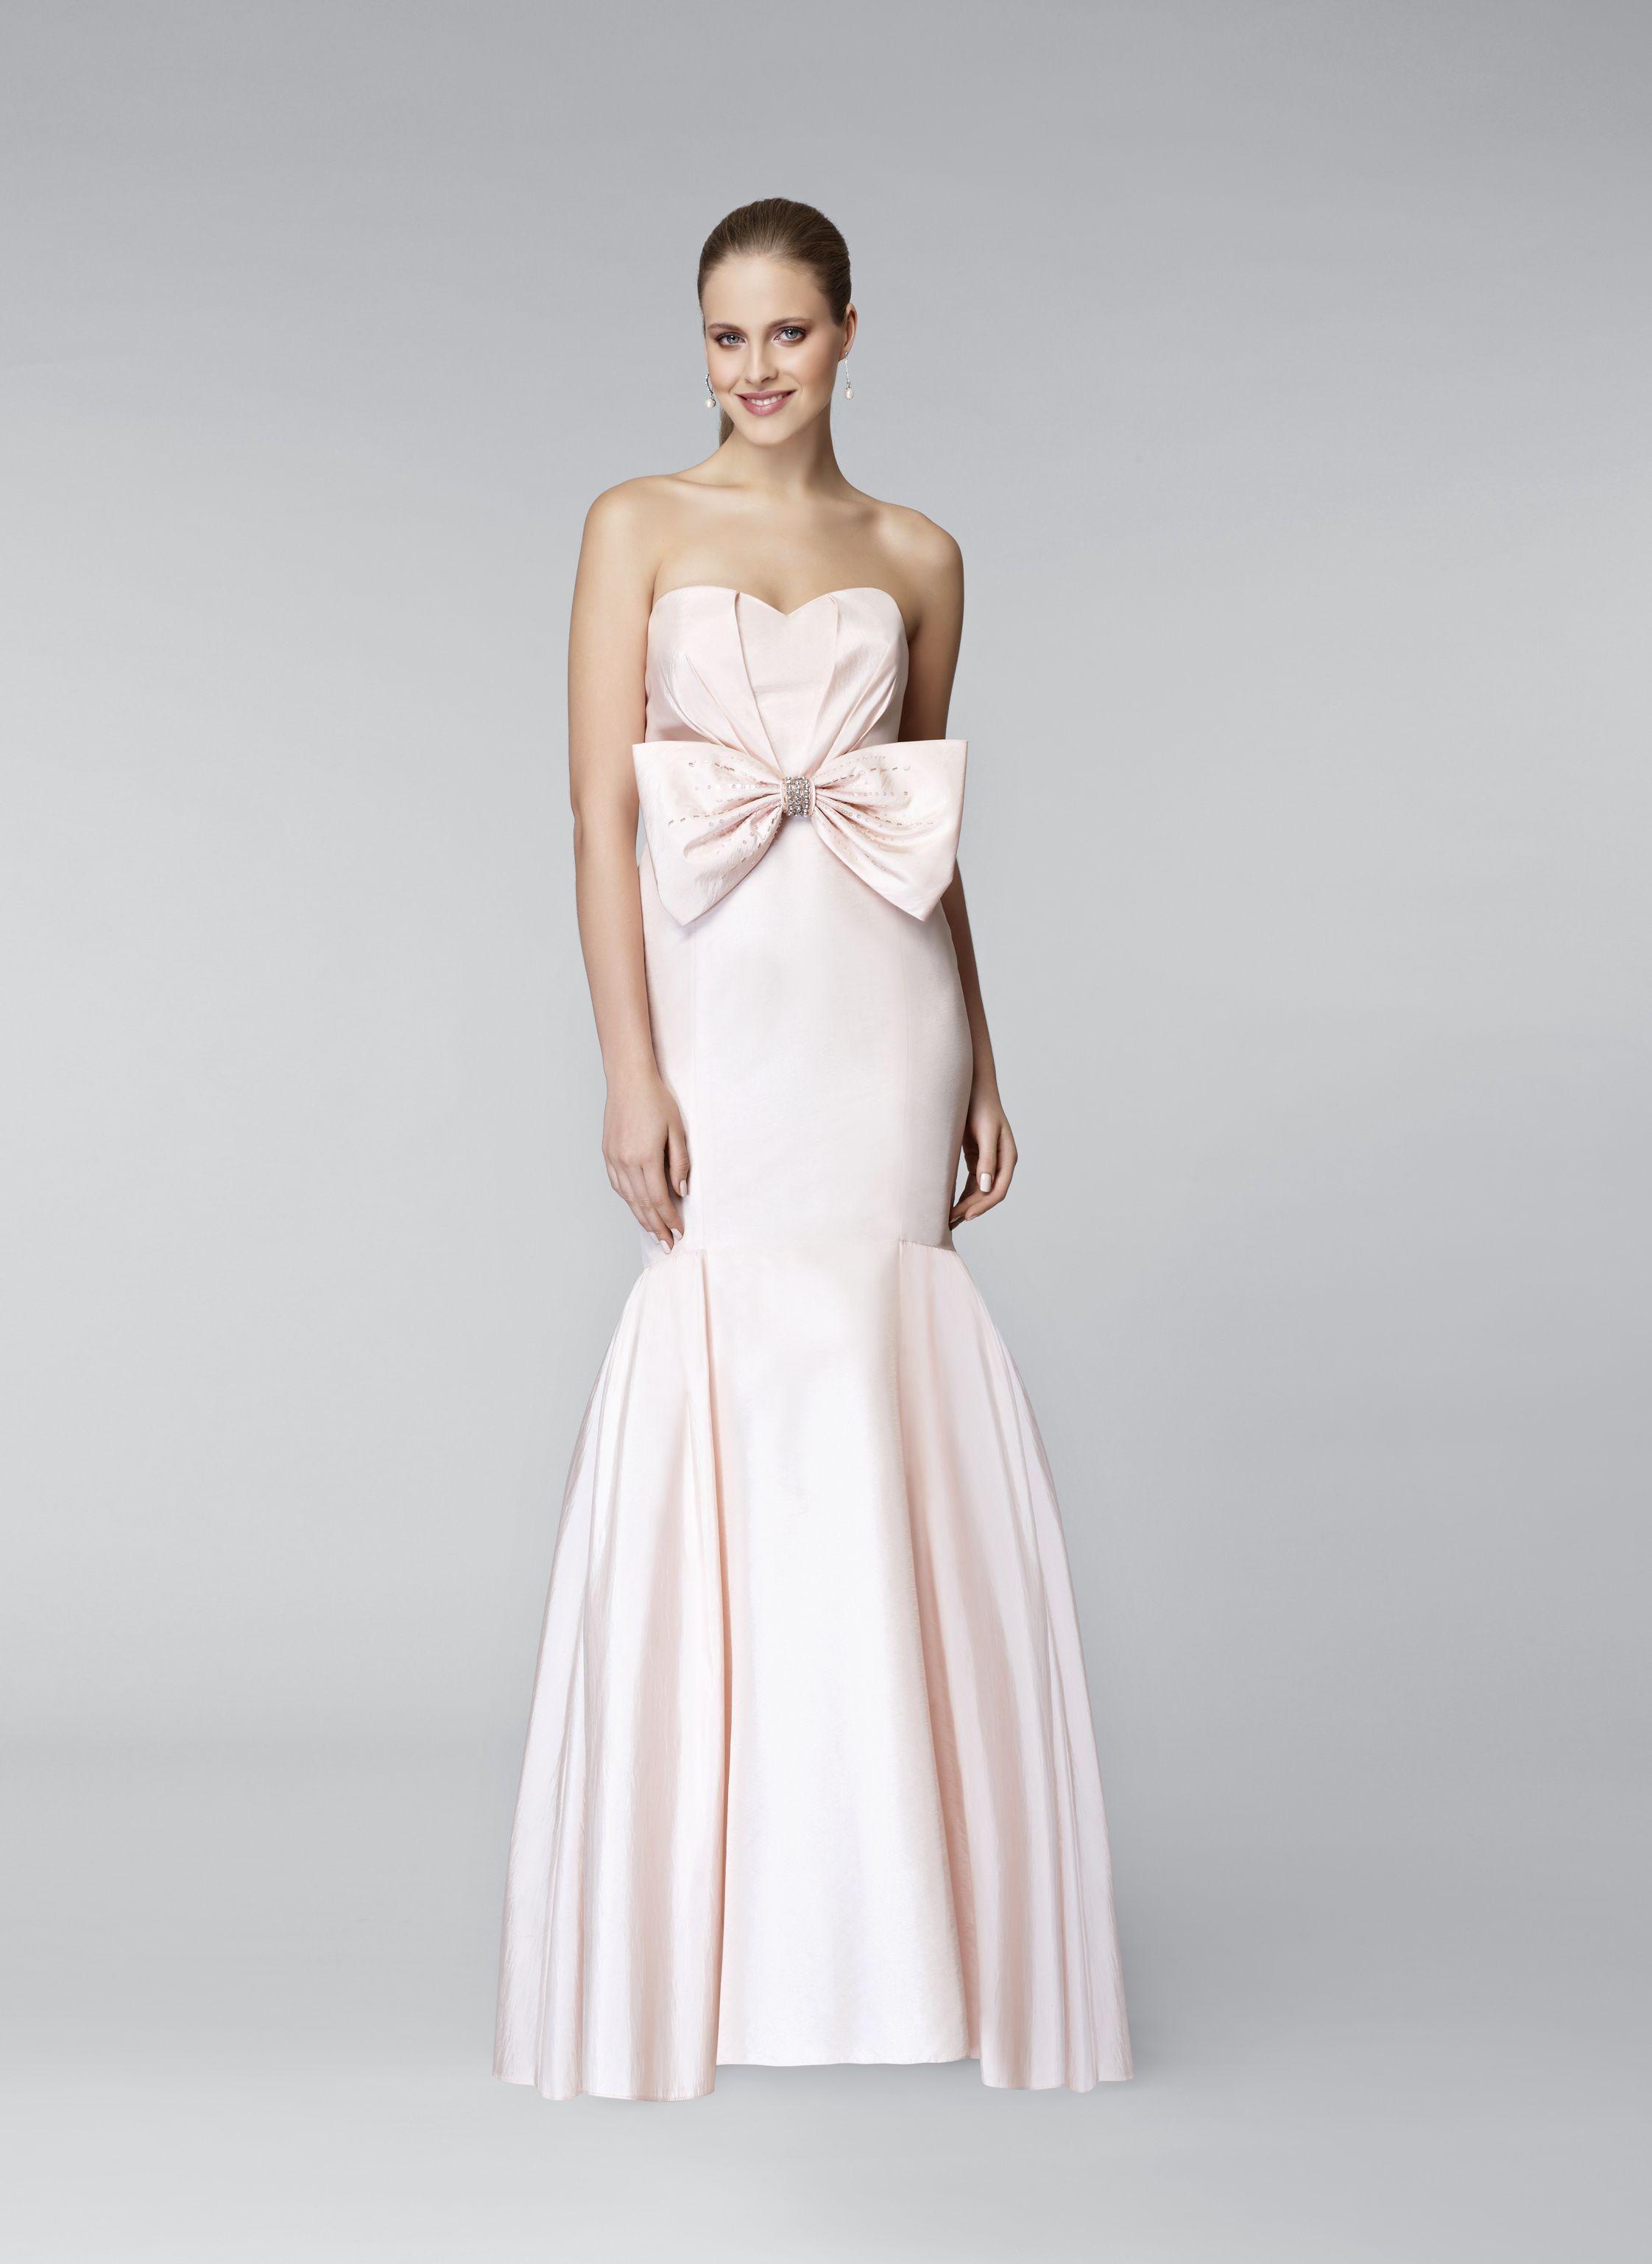 Großartig Auslauf Brautjunferkleider Fotos - Brautkleider Ideen ...